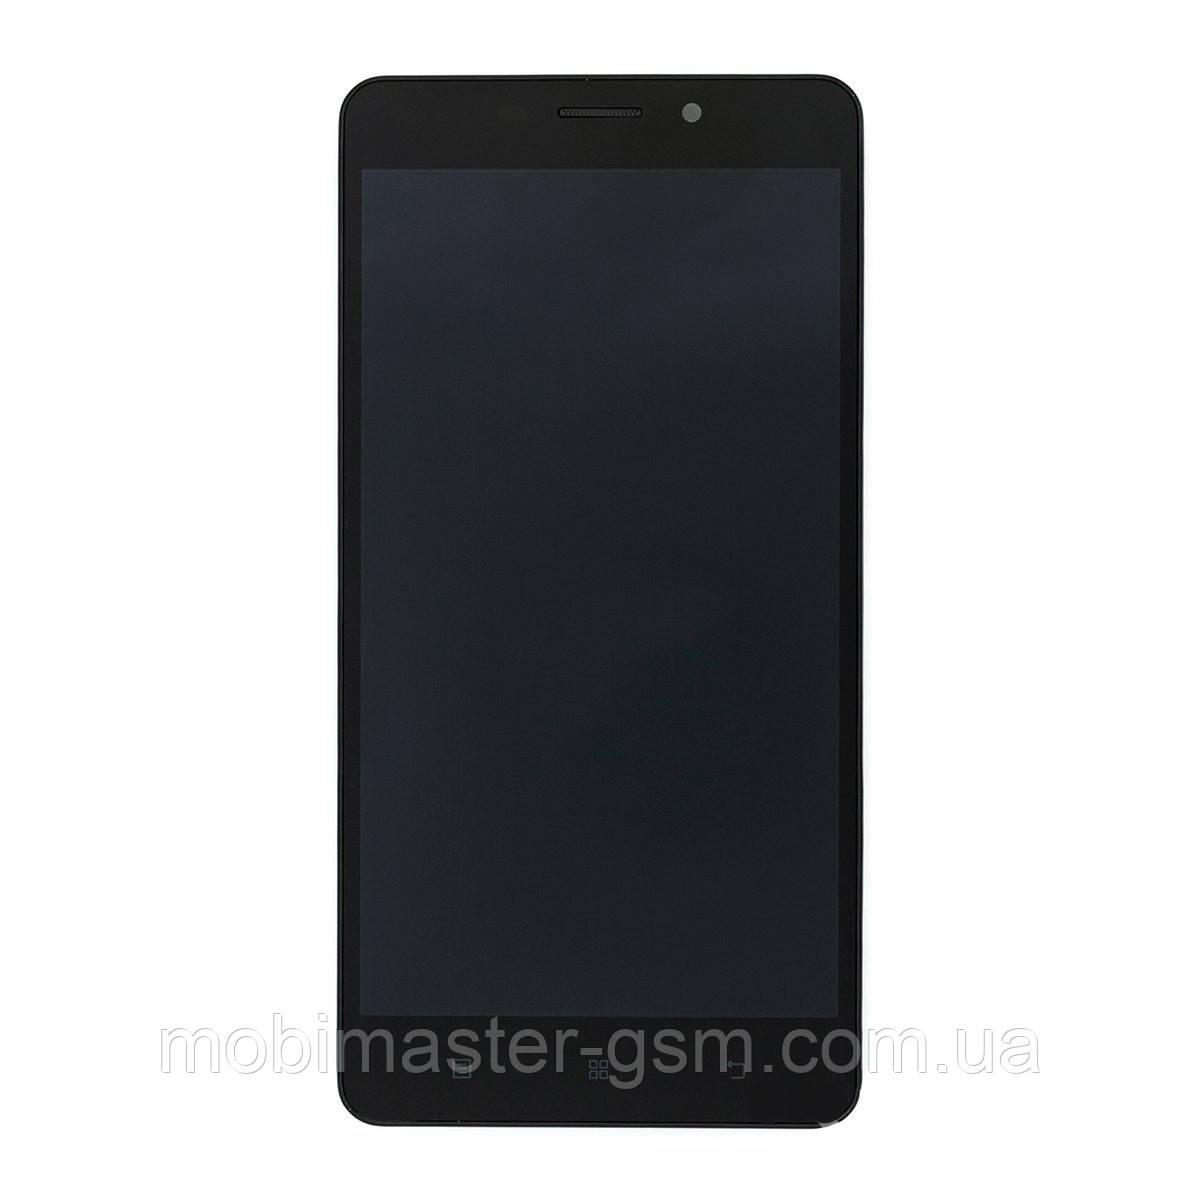 Дисплейный модуль Lenovo A5600 black в рамке